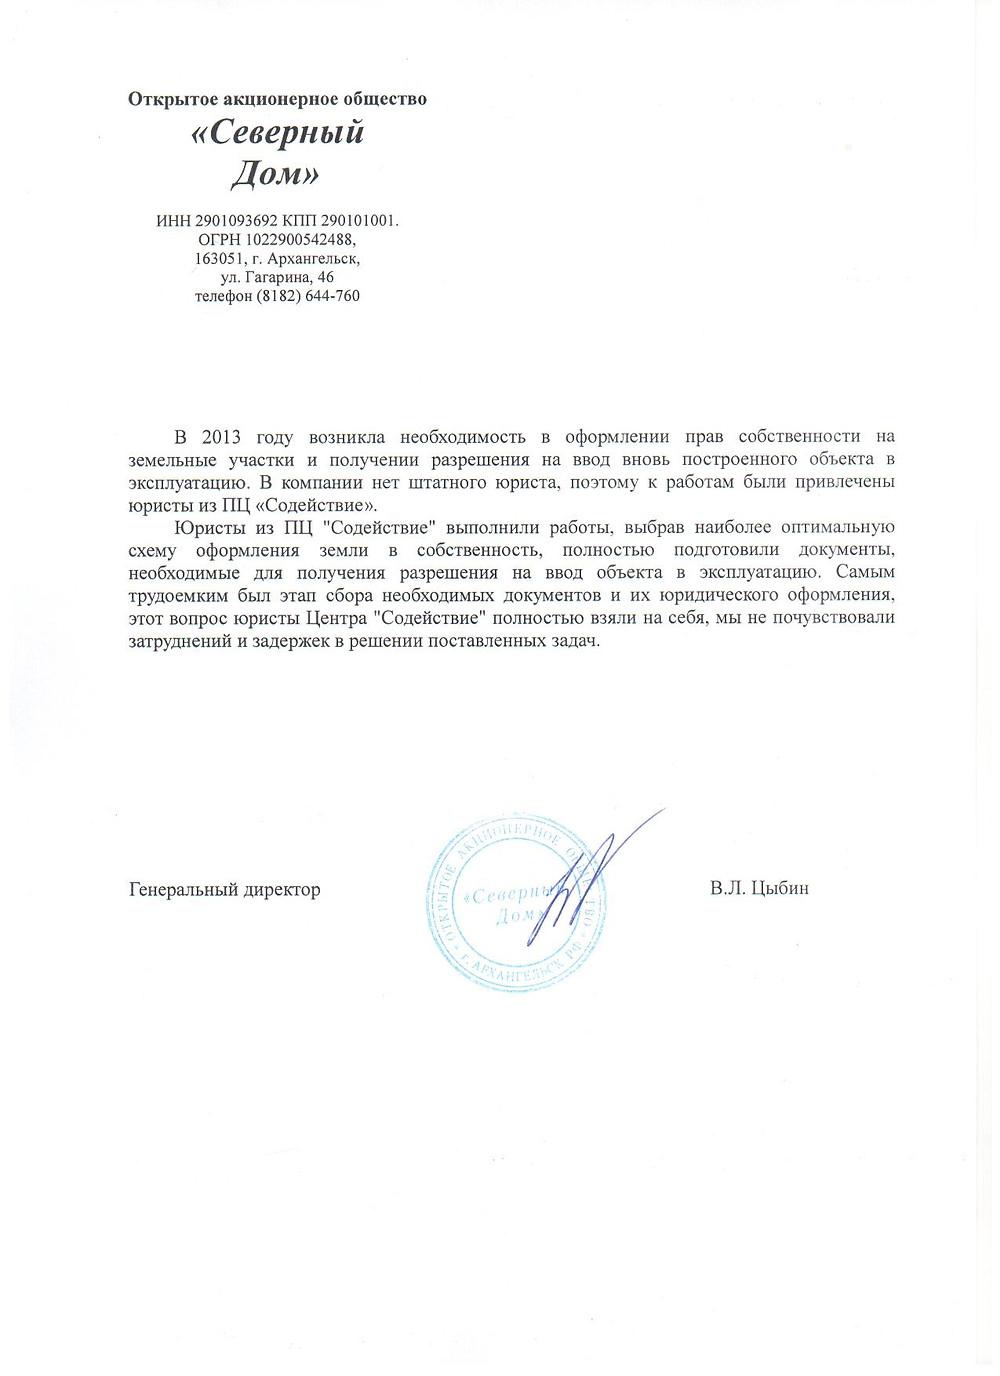 """Отзыв о ПЦ """"Содействие"""" от ООО """"Северный дом"""""""